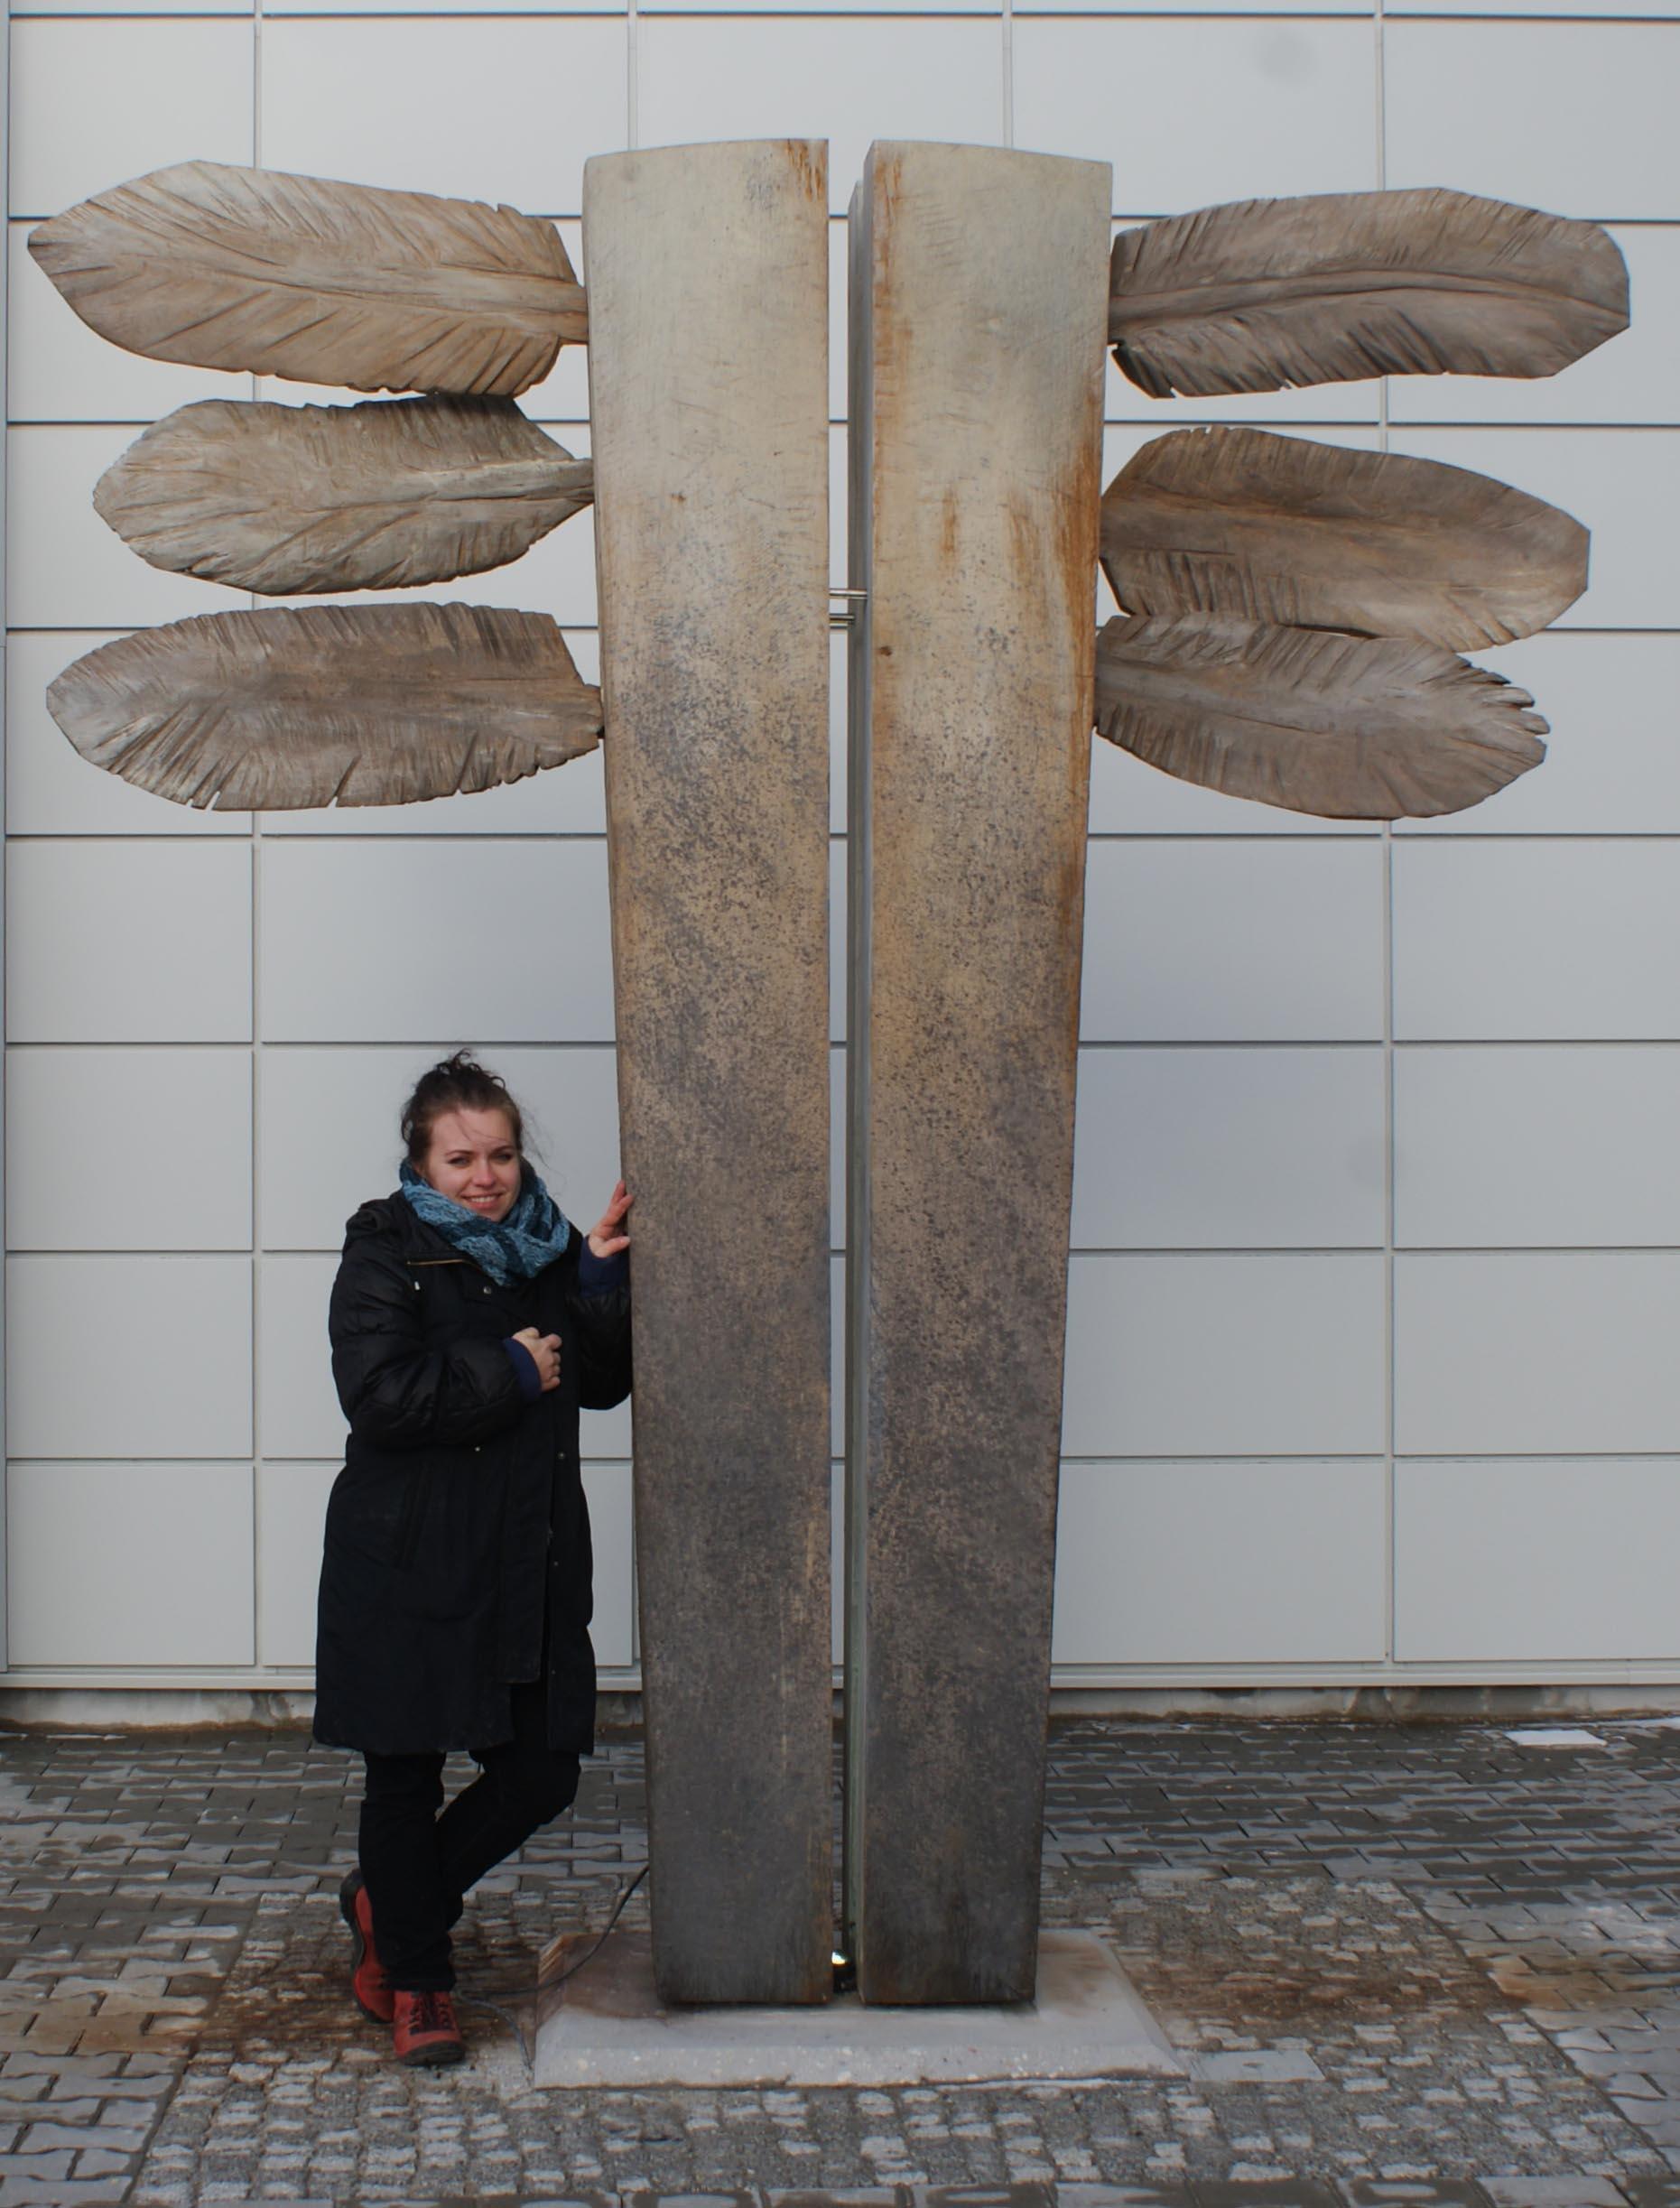 Adriana Majdzińska with his sculpture, ICARUS- wood, light, 2013, Koscierzyna, Poland